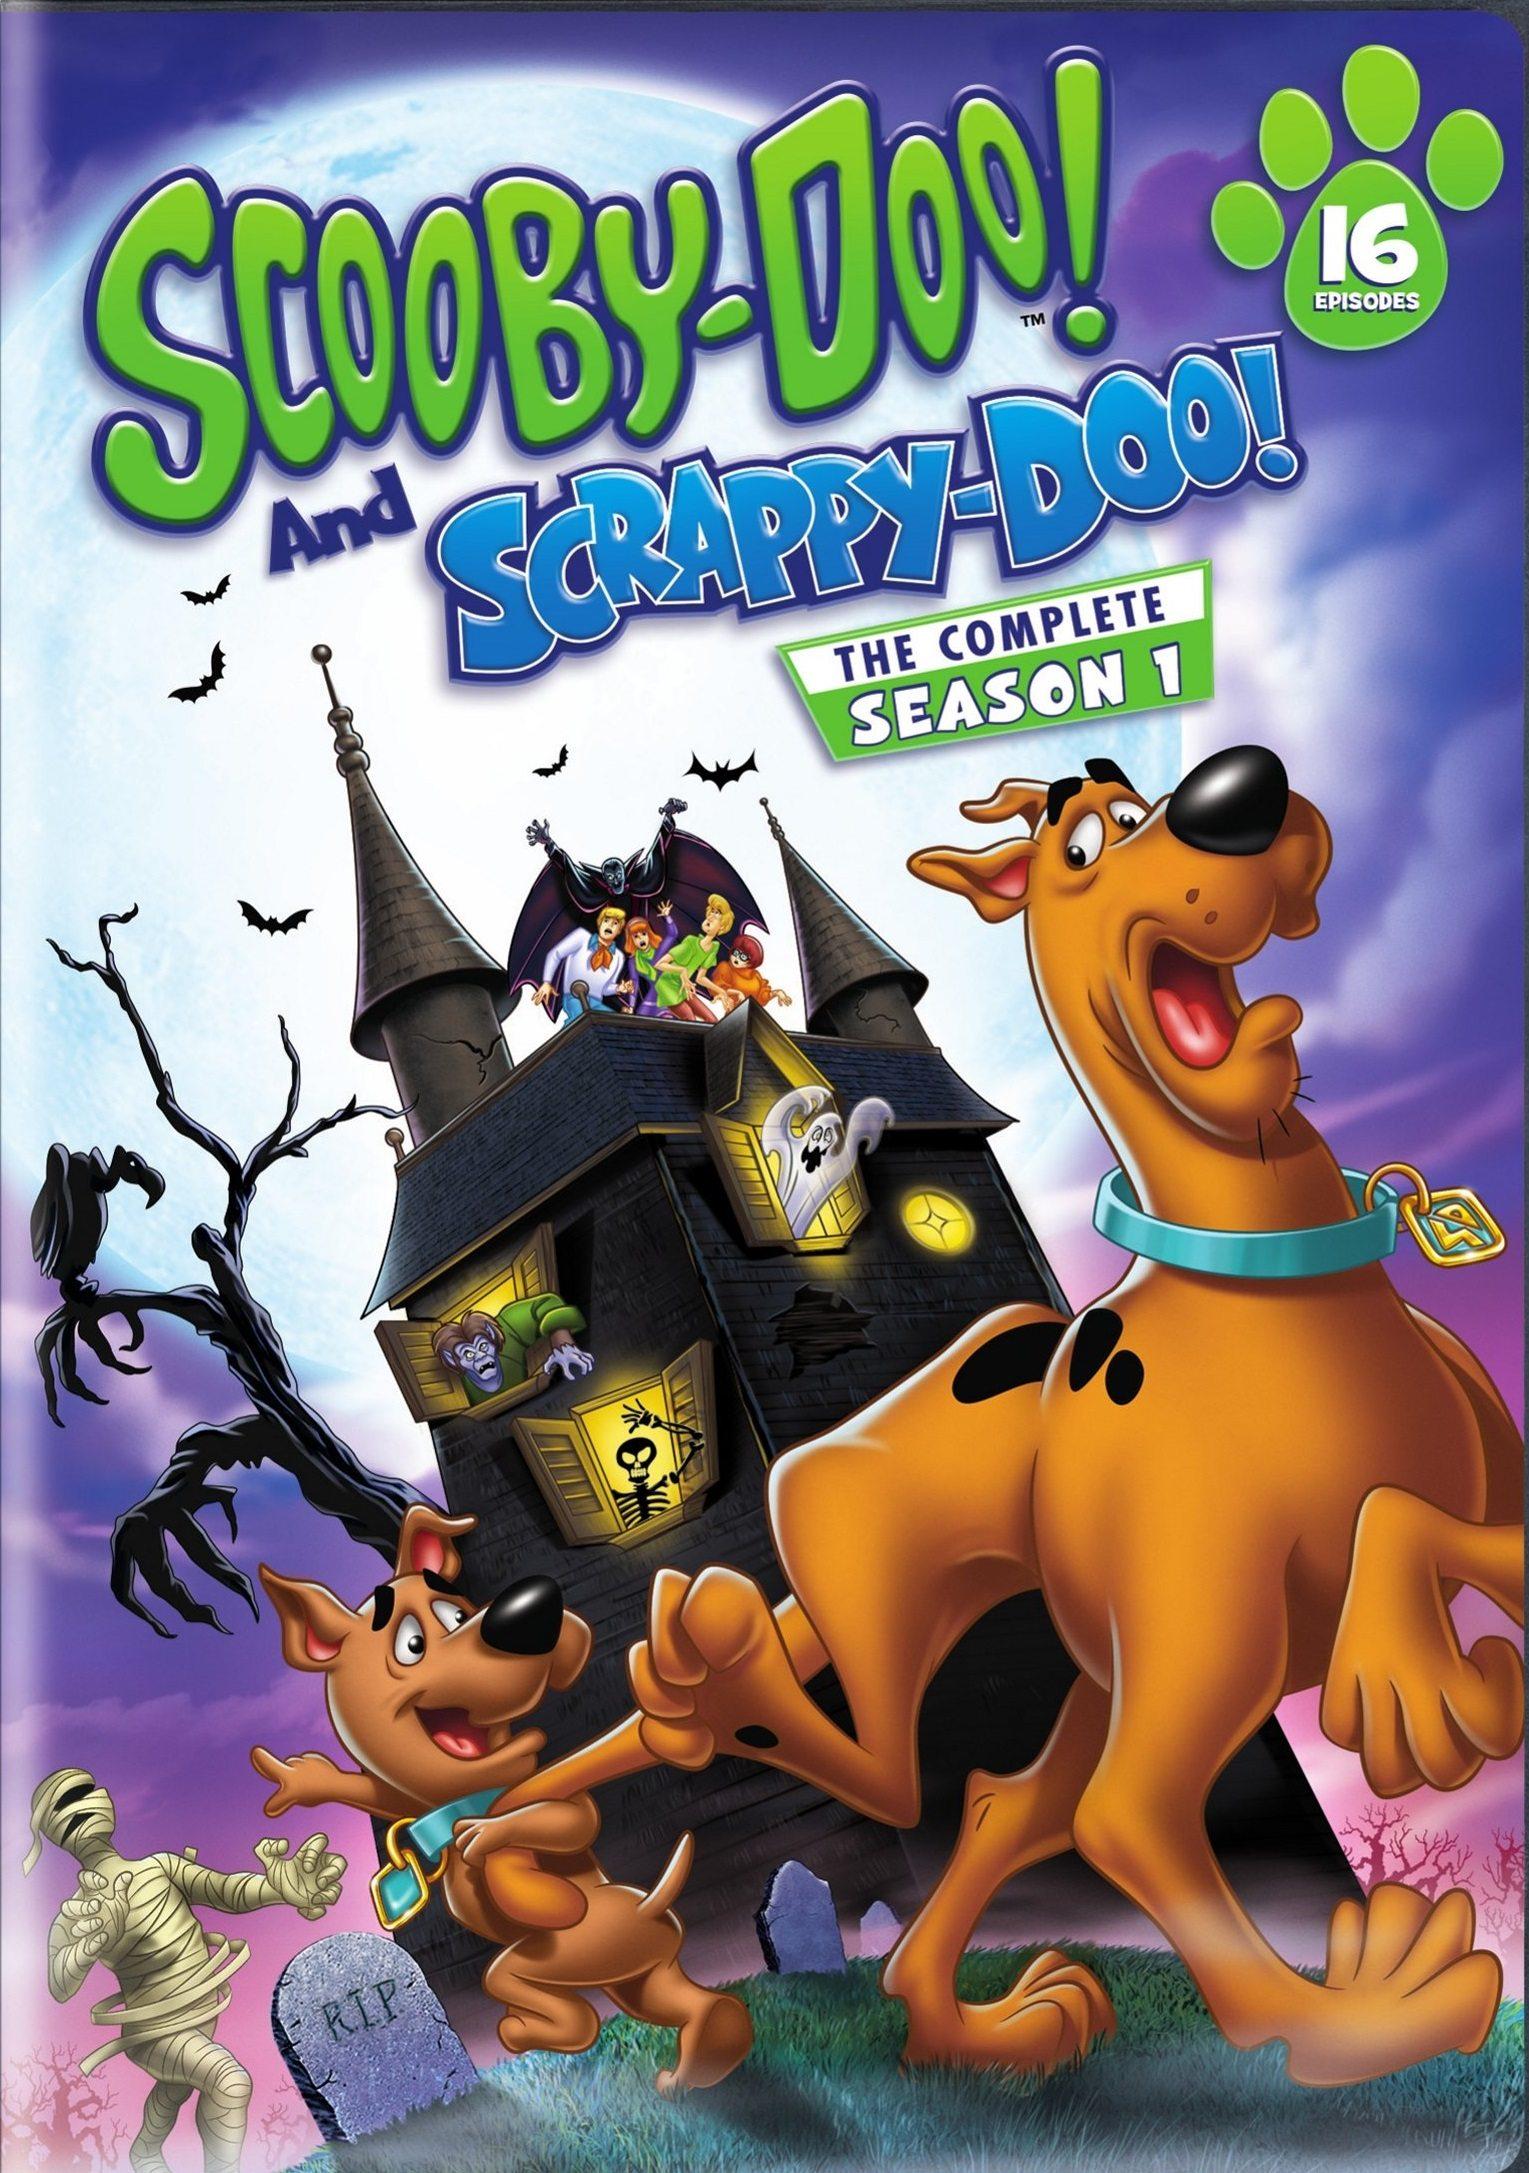 Puppy Power! Scrappy-Doo Comes to DVD - GeekDad